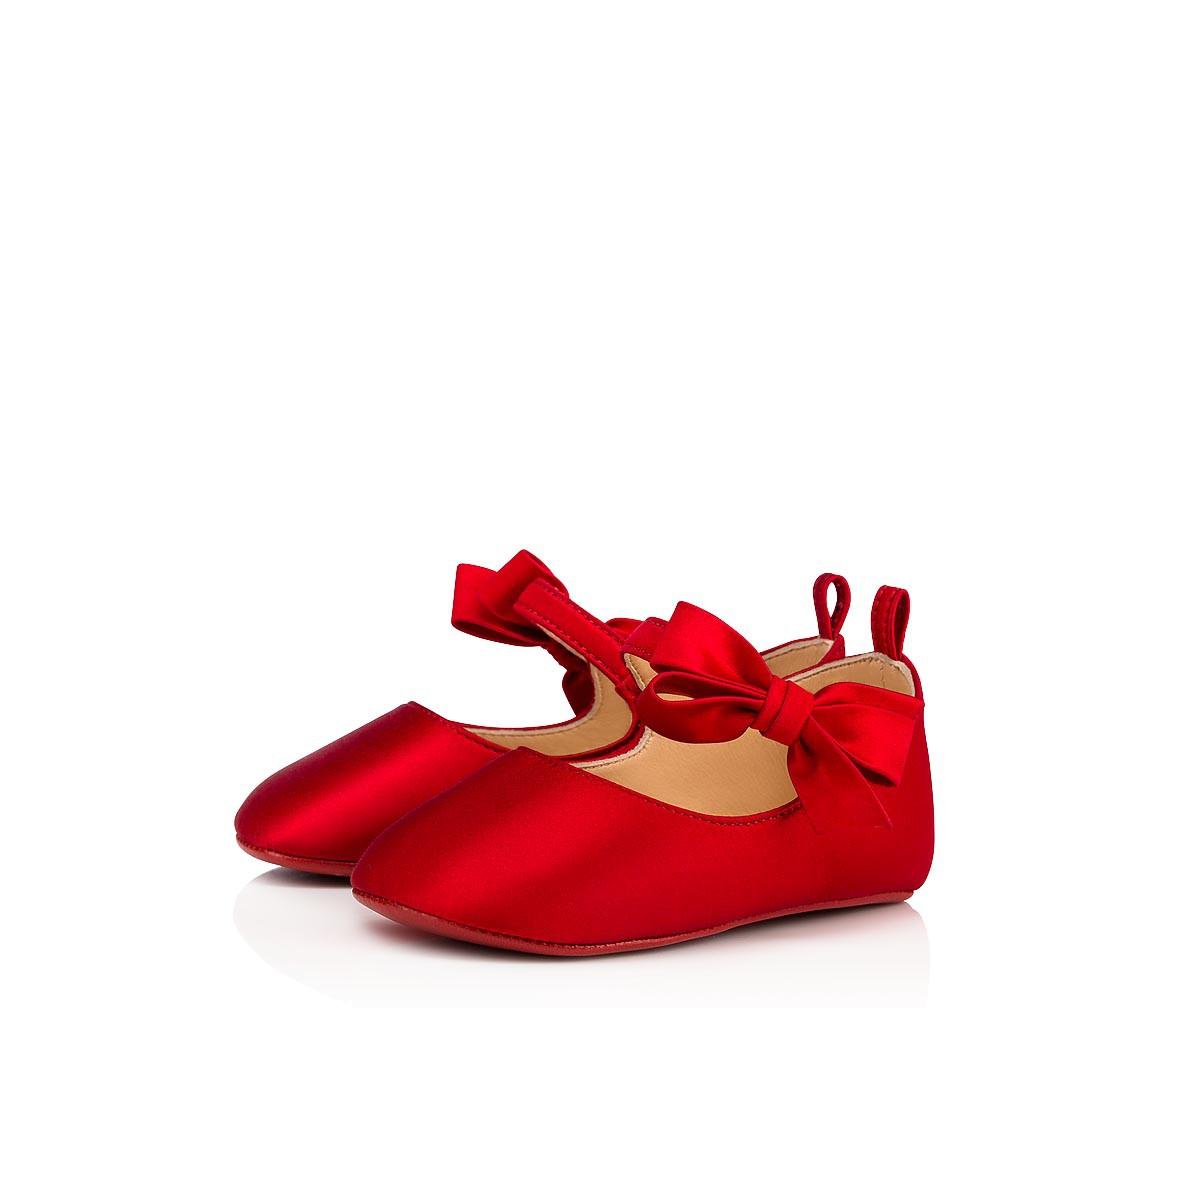 6e2e317c19b5 Women Kid Shoes - Loubi Red Baby Shoes - Christian Louboutin ...